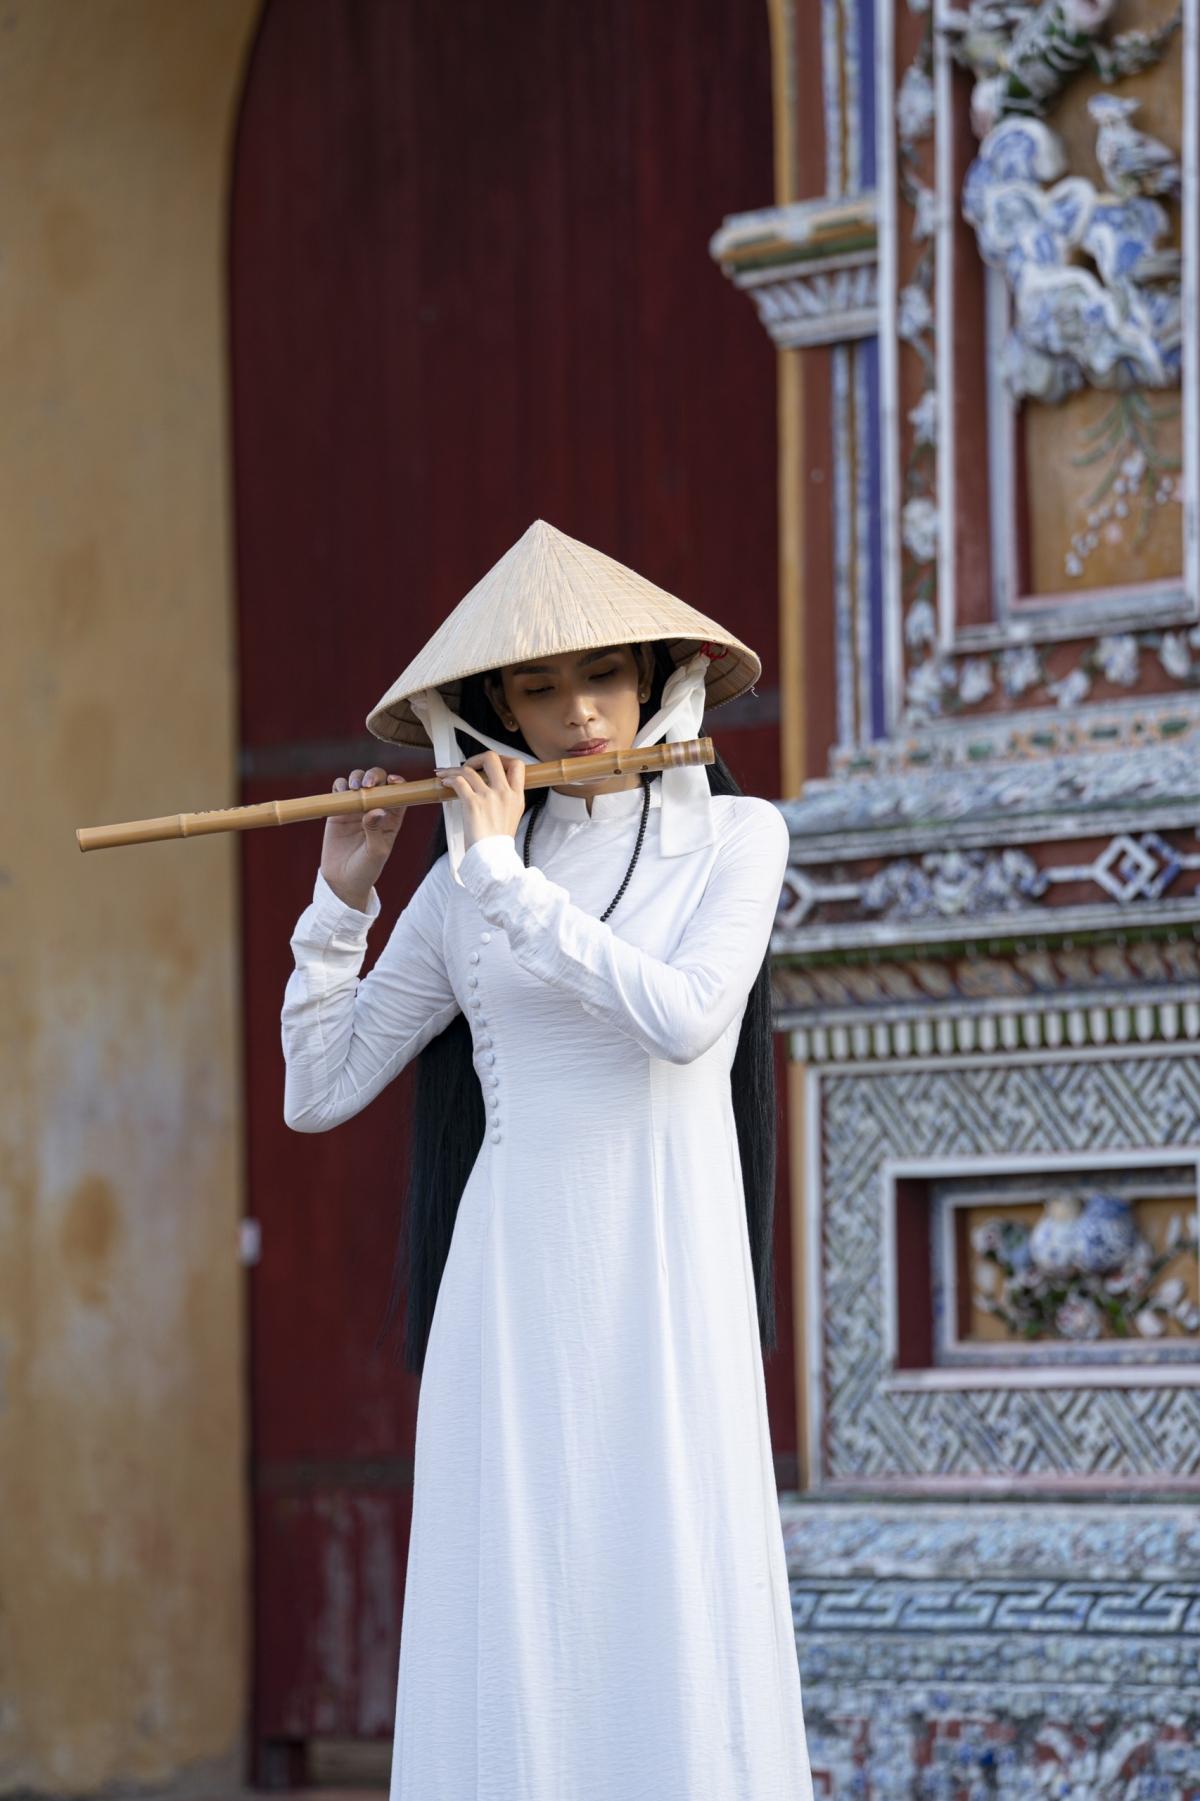 Trương Thị May dạo bước từ cổng Ngọ Môn đến Hoành Thành Huế, cô thích thú những kiến trúc độc đáo của nhà Nguyễn từ mấy trăm năm trước.